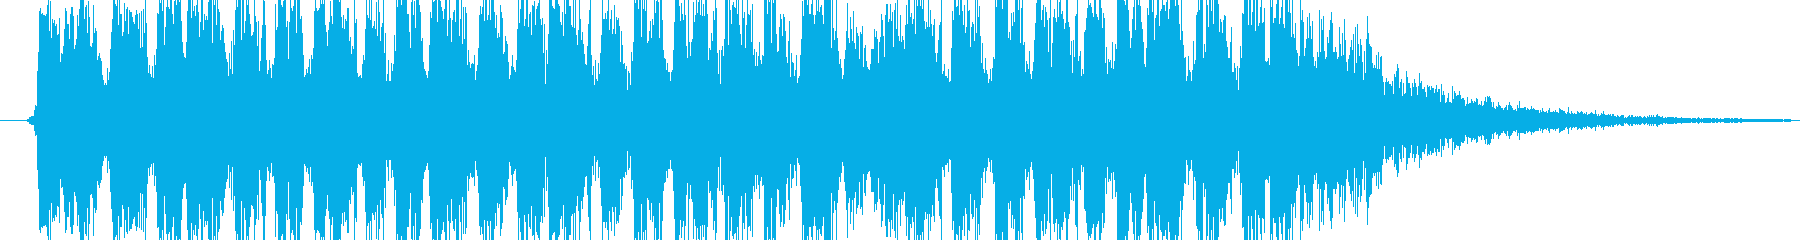 サブマシンガン発砲音の再生済みの波形